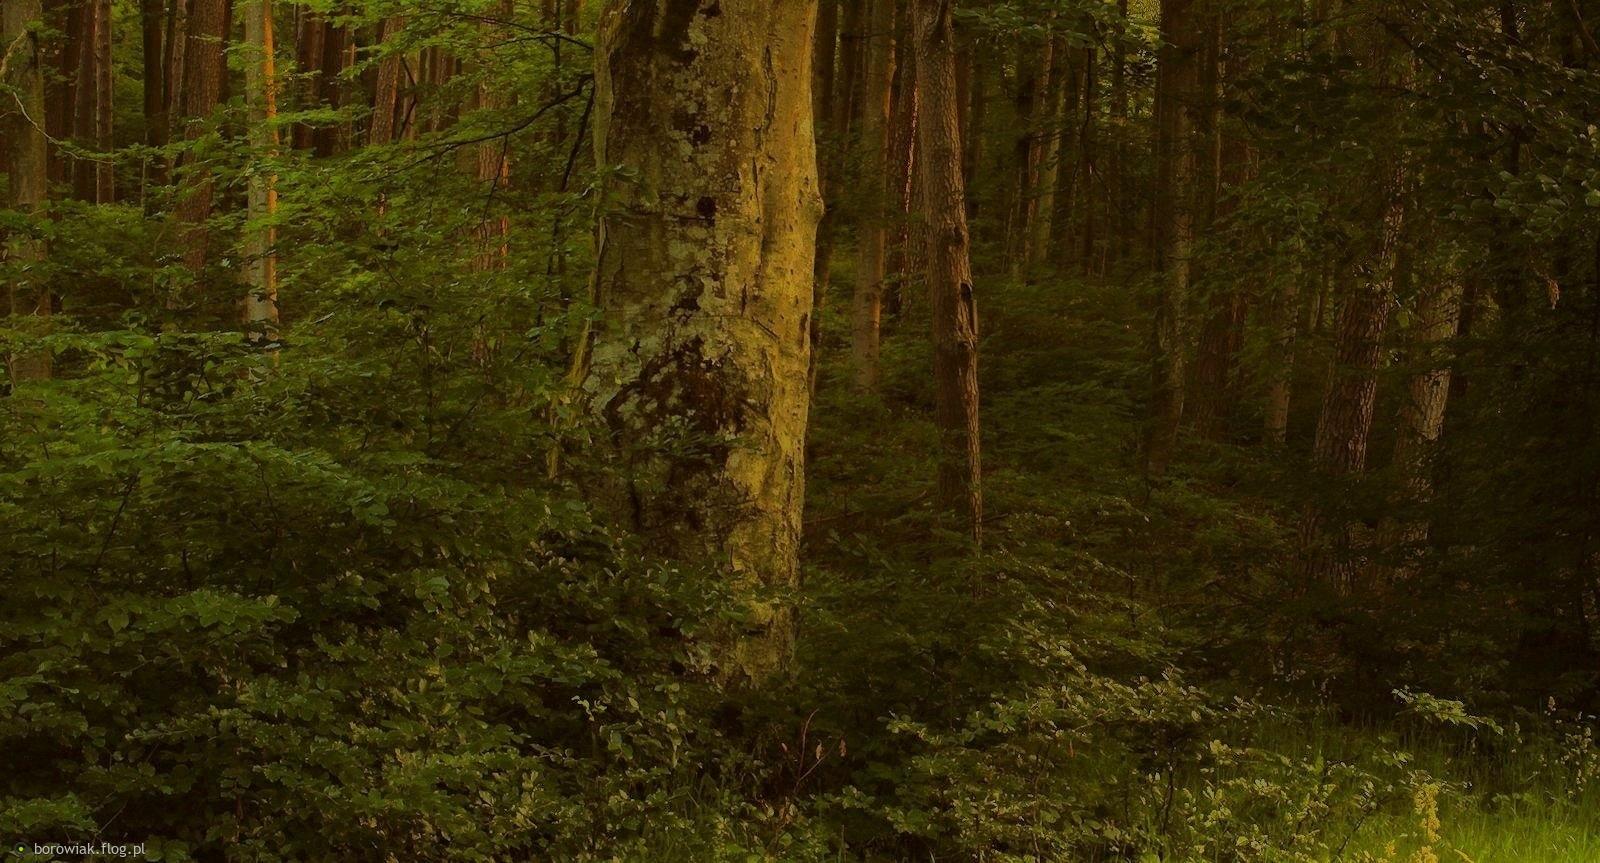 Nie było nas, był ten las, nie będzie nas, niech będzie ten las...